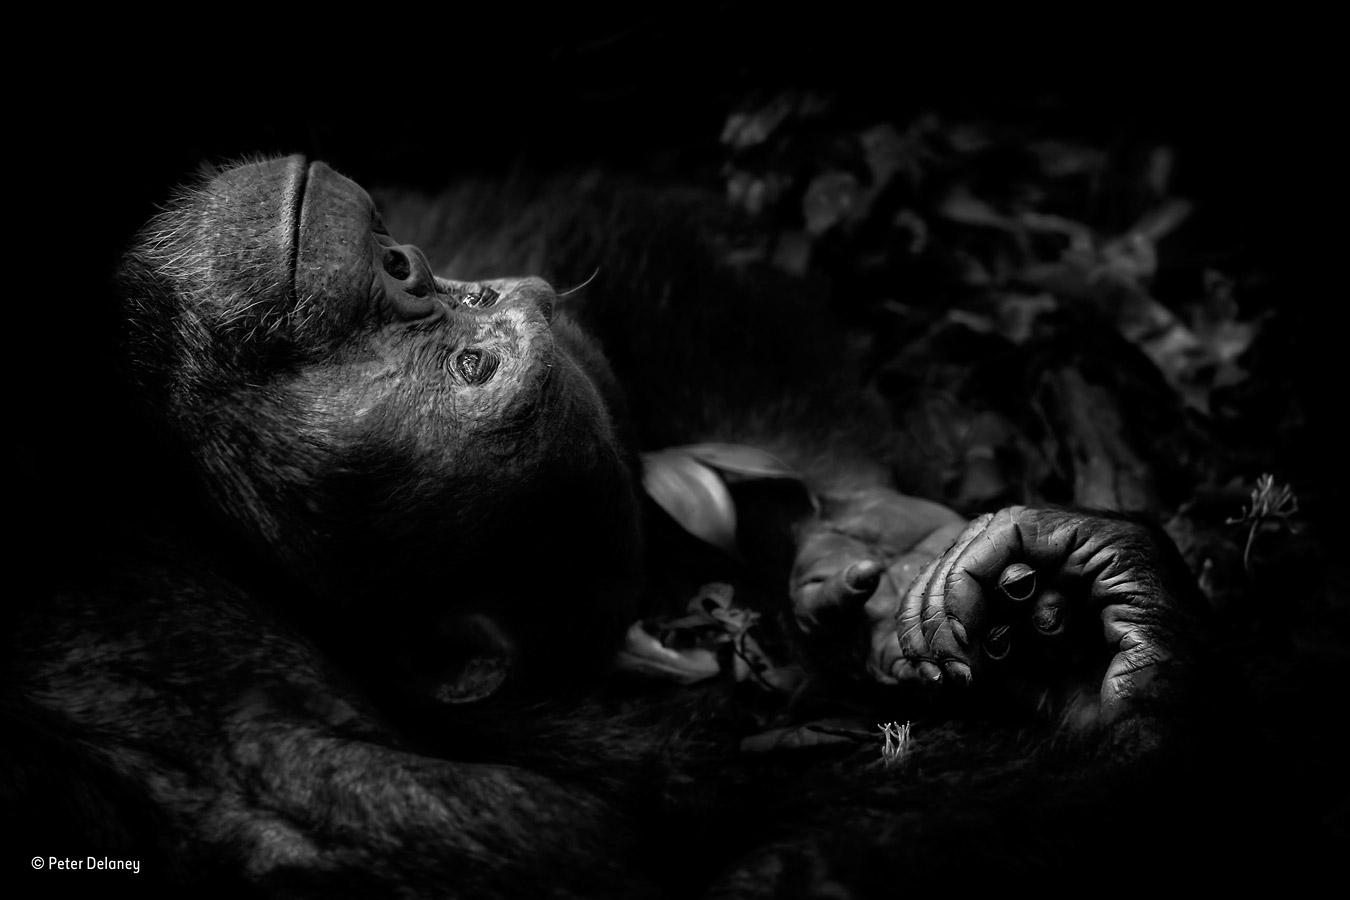 Созерцание, © Питер Делани / Peter Delaney, Ирландия / Южная Африка, Победитель категории «Портреты животных», Фотоконкурс «Фотограф года живой природы» — Wildlife Photographer of the Year